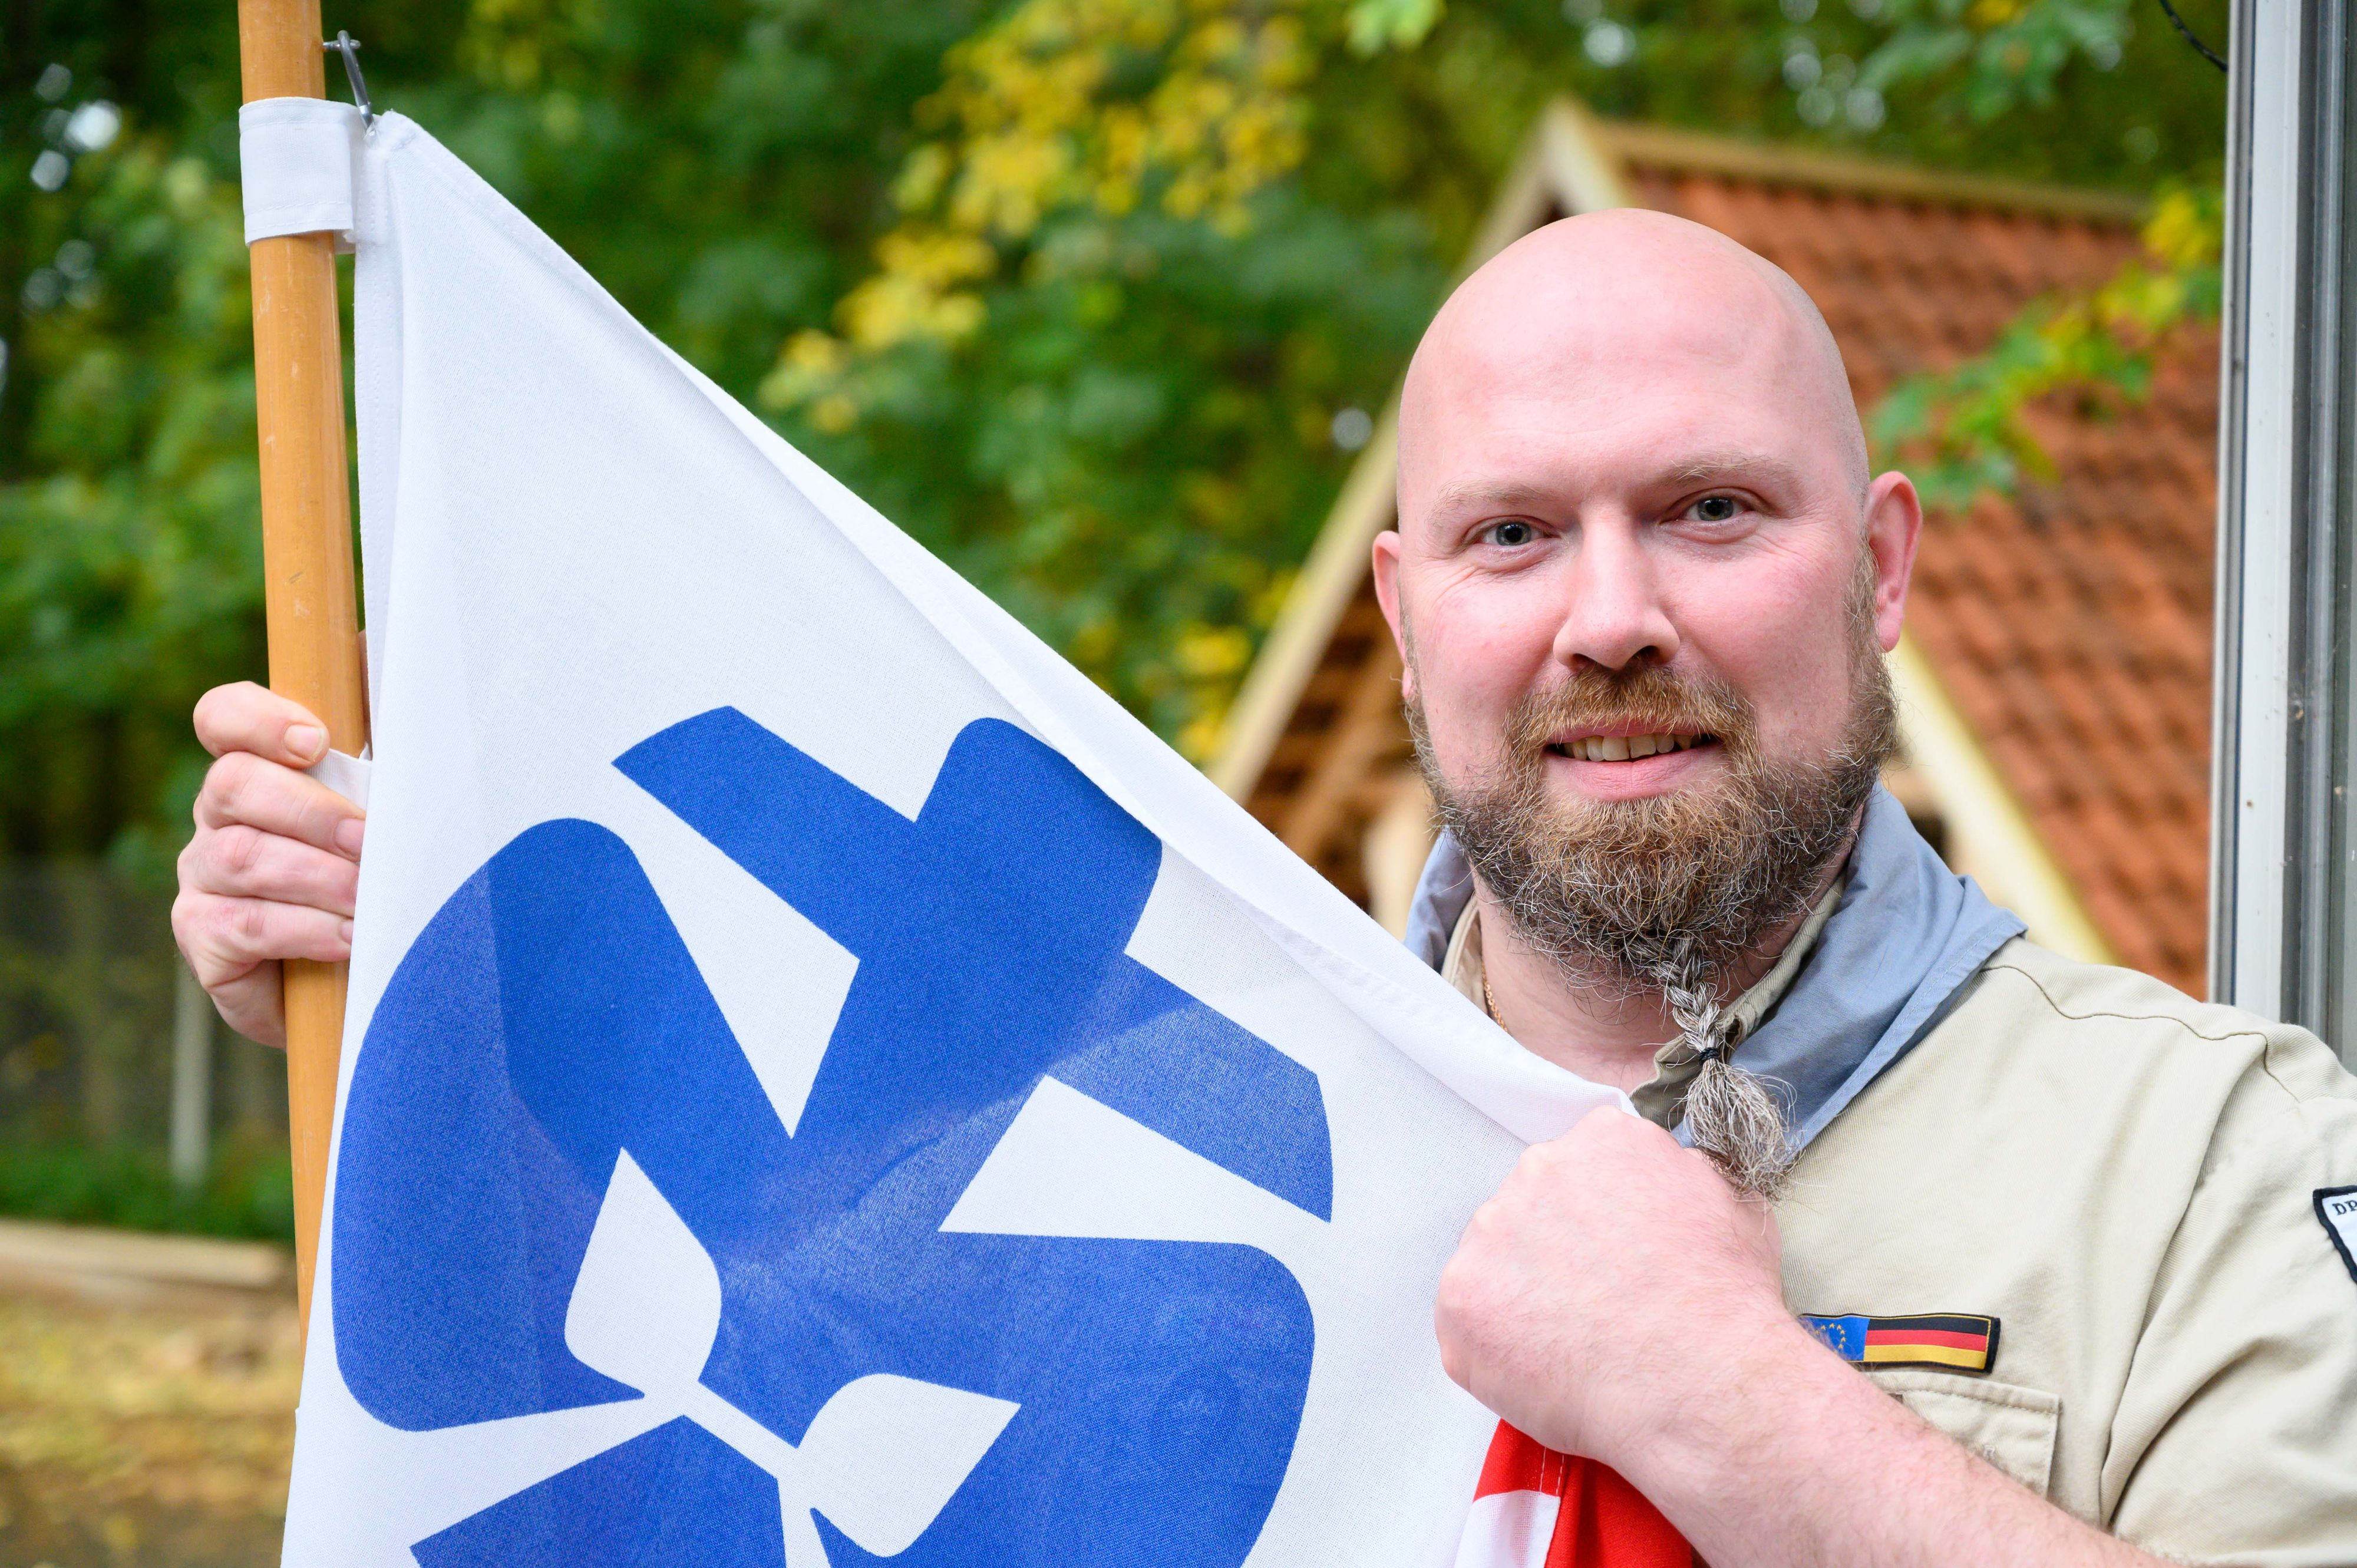 Wünscht allzeit gut Pfad: Thomas Schirmer mit Banner und Lilie der Pfadfinder. Foto: M. Niehues